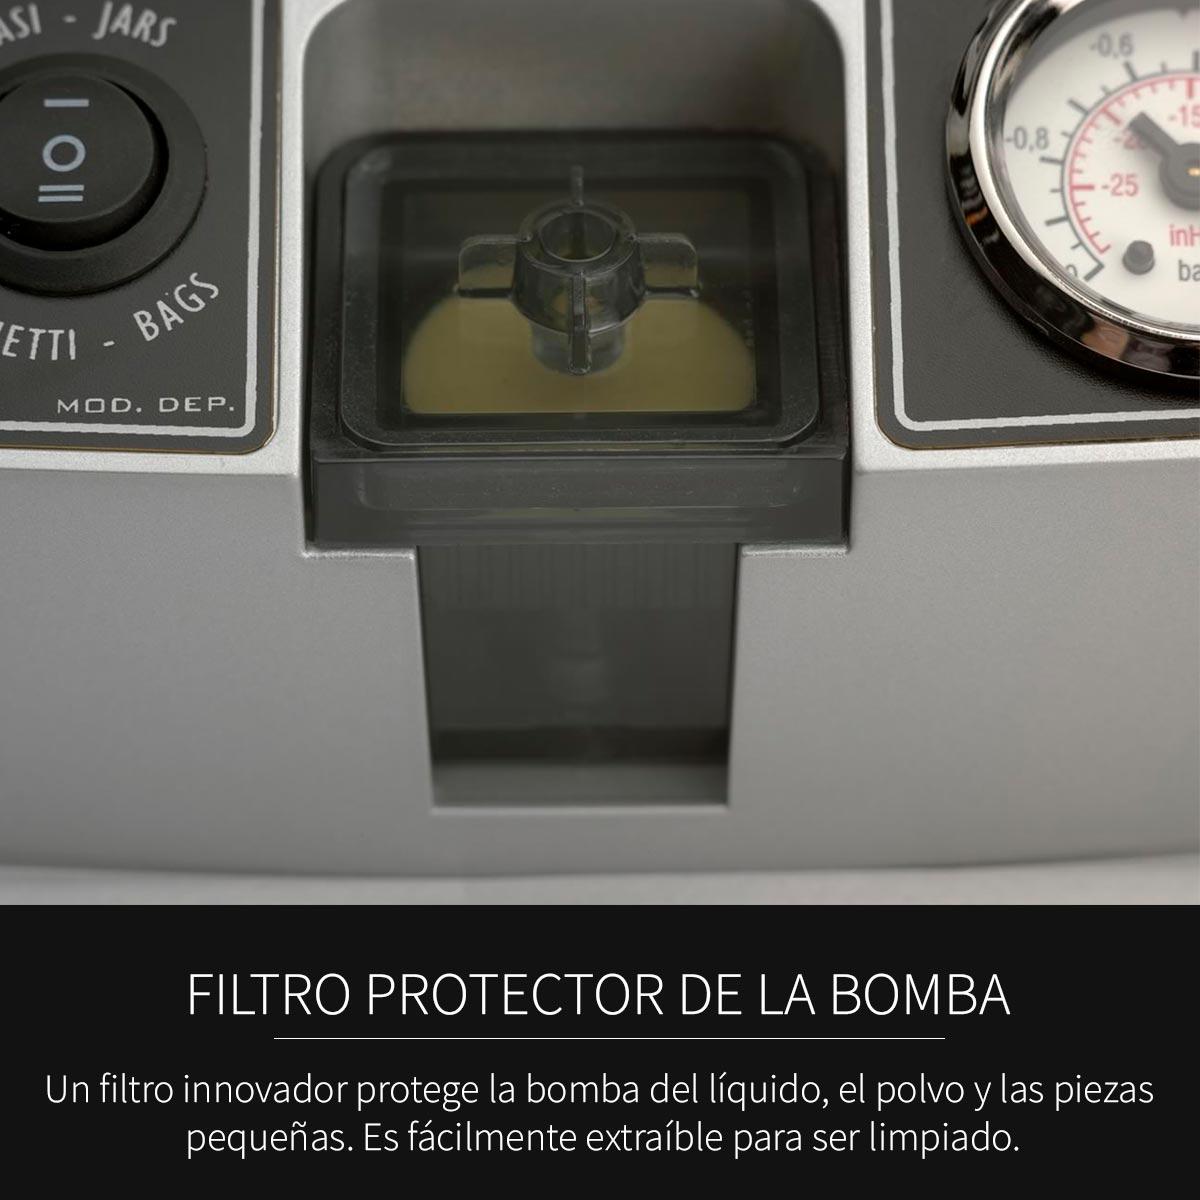 Filtro Protector Máquina Envasadora al Vacío Modelo Nevada SICO